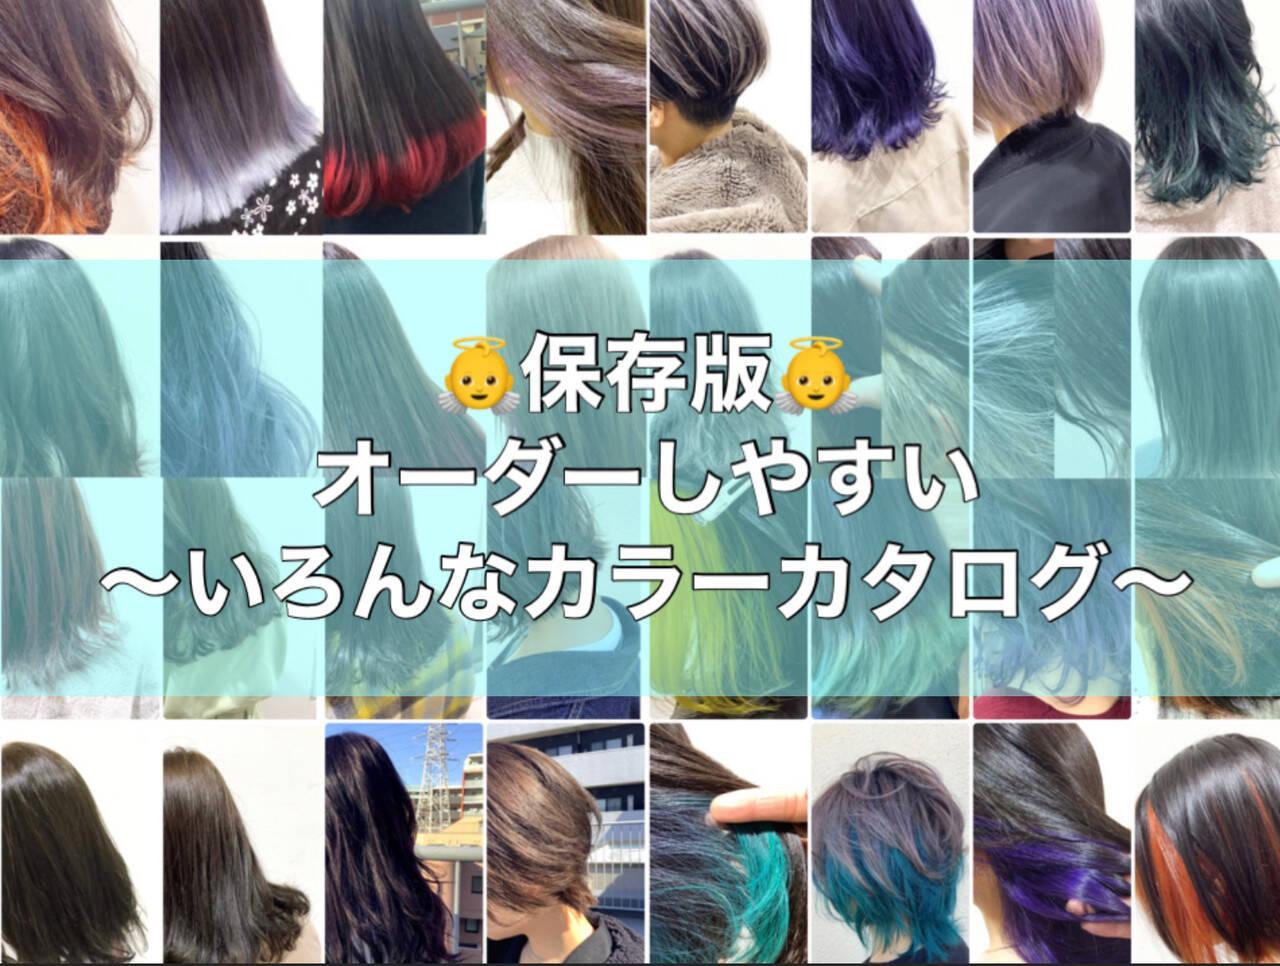 ヘアカラー ターコイズ セミロング ブルーラベンダーヘアスタイルや髪型の写真・画像